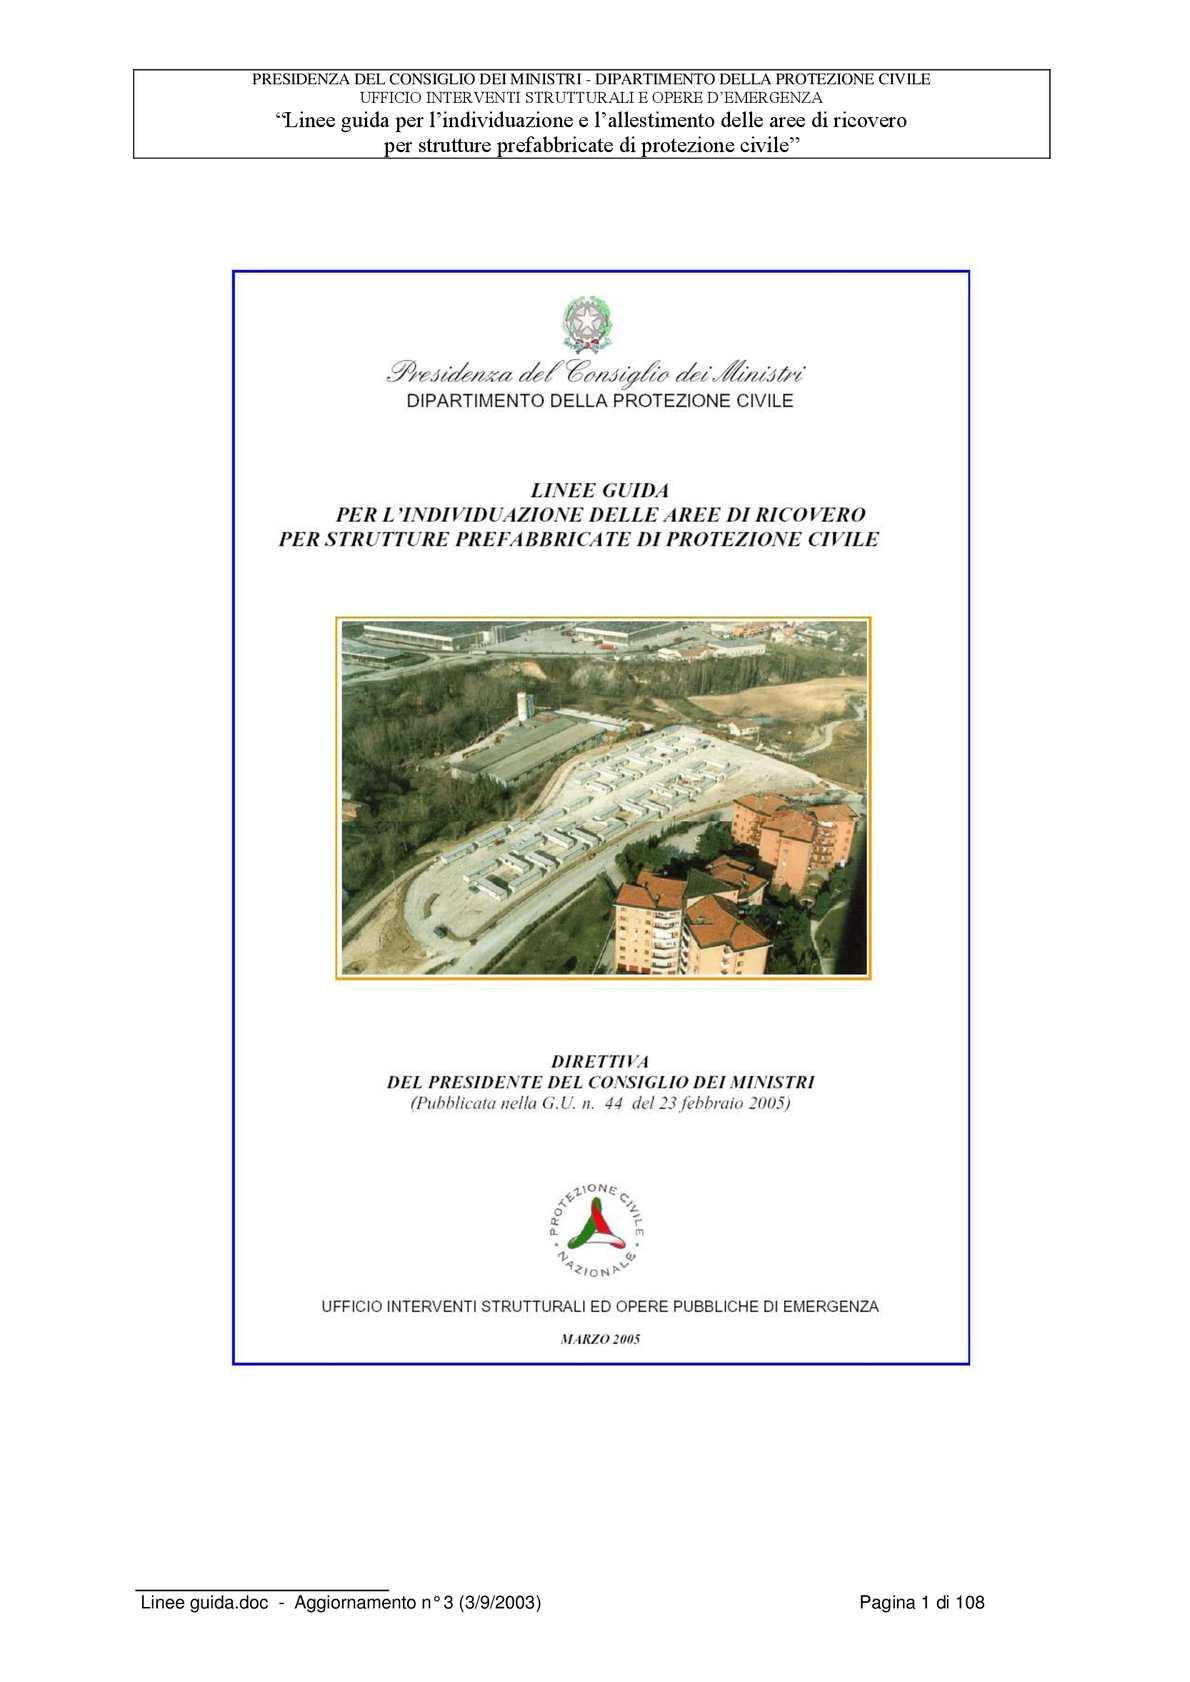 calaméo - 01_aree di ricovero linee guida d.p.c. presidenza del